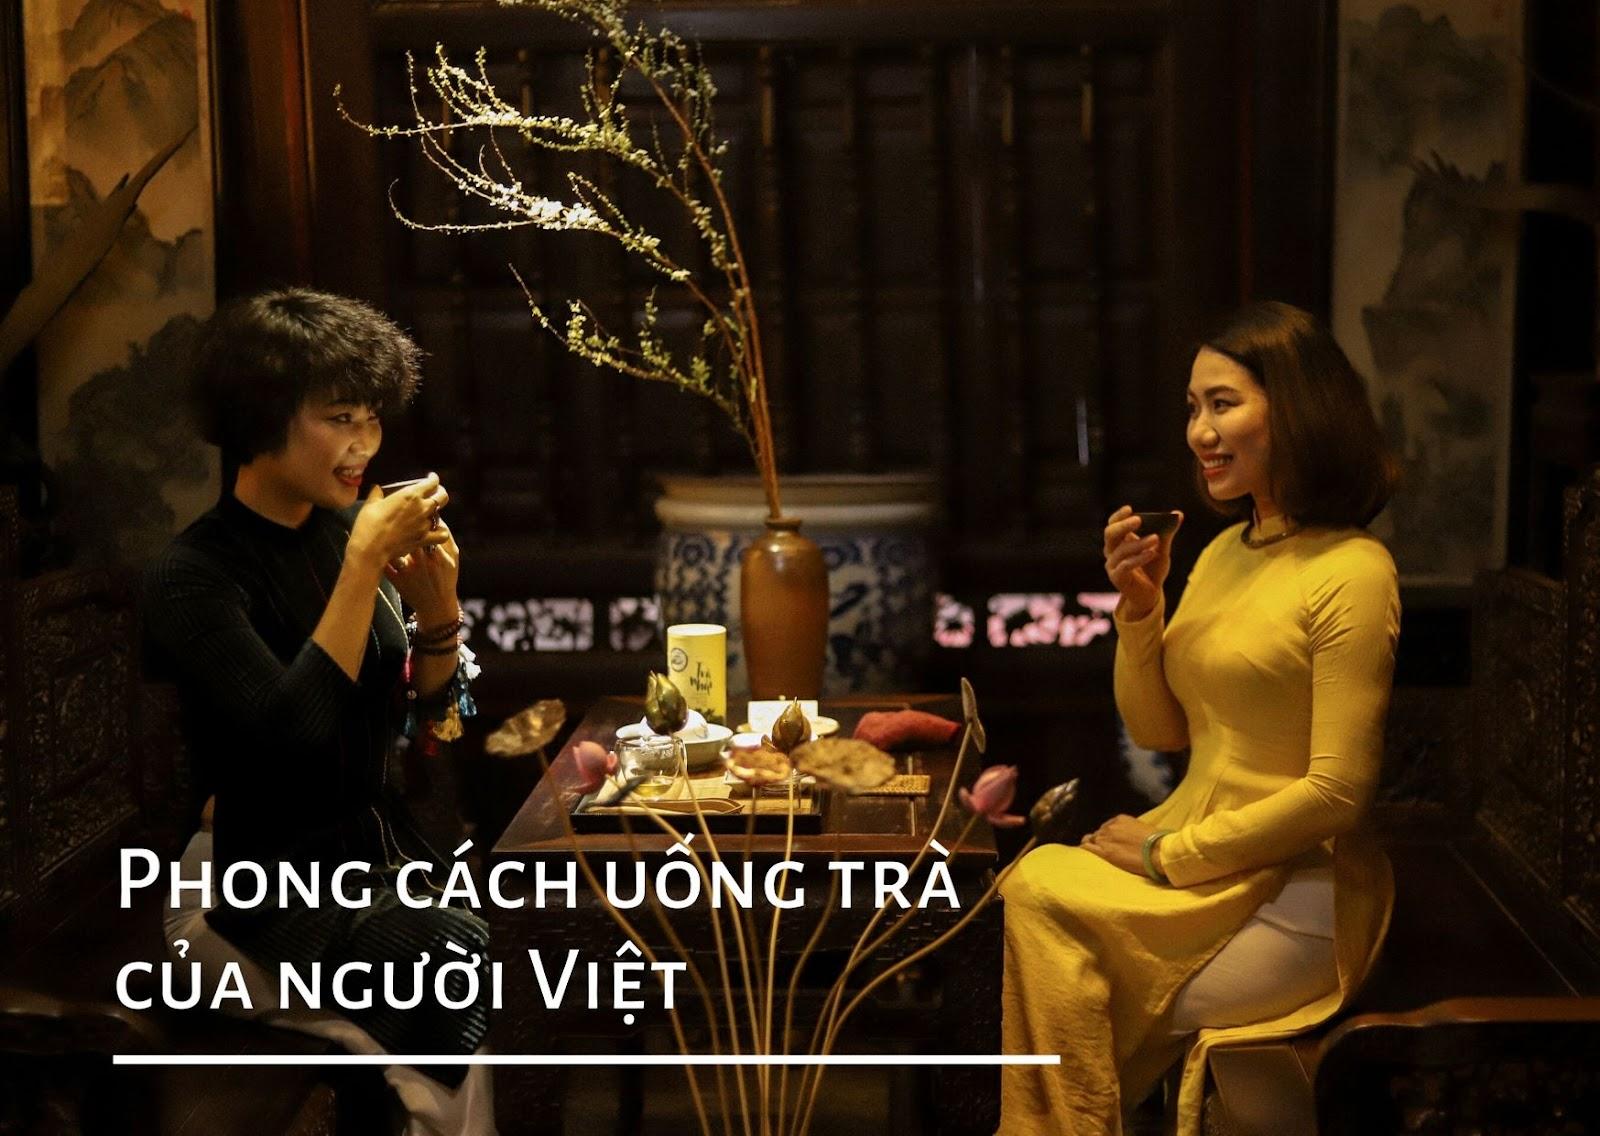 Người Việt uống trà mộc, trà ướp hương, trà hoa